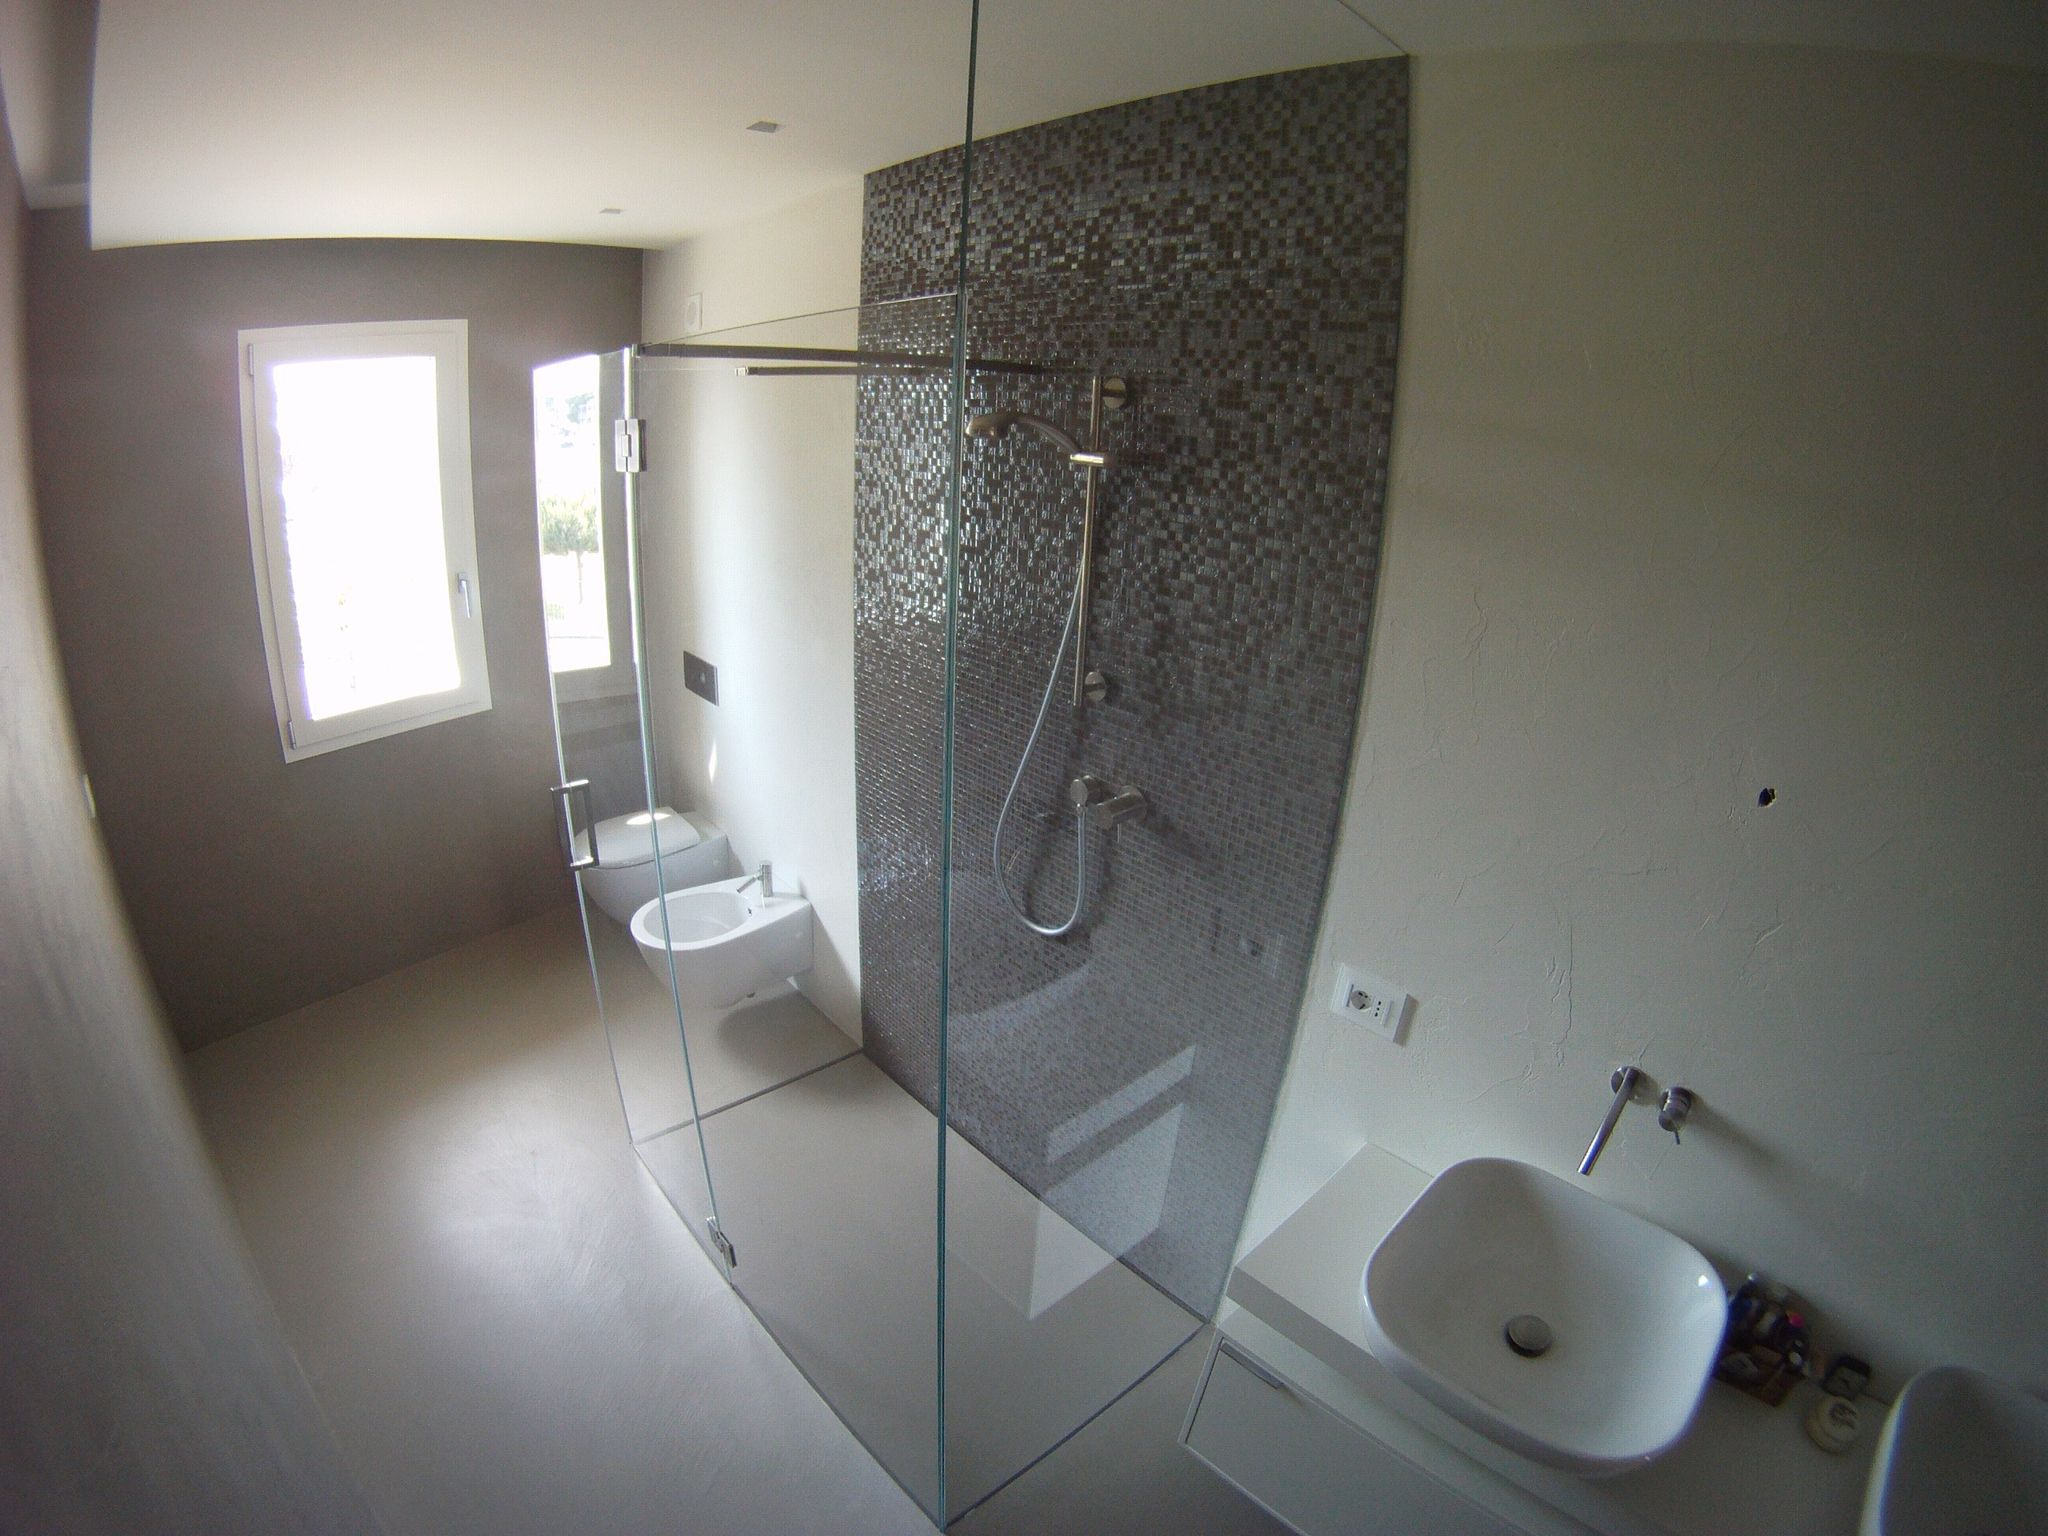 Bellissima doccia con piatto doccia filo pavimento e - Piatto doccia incassato nel pavimento ...